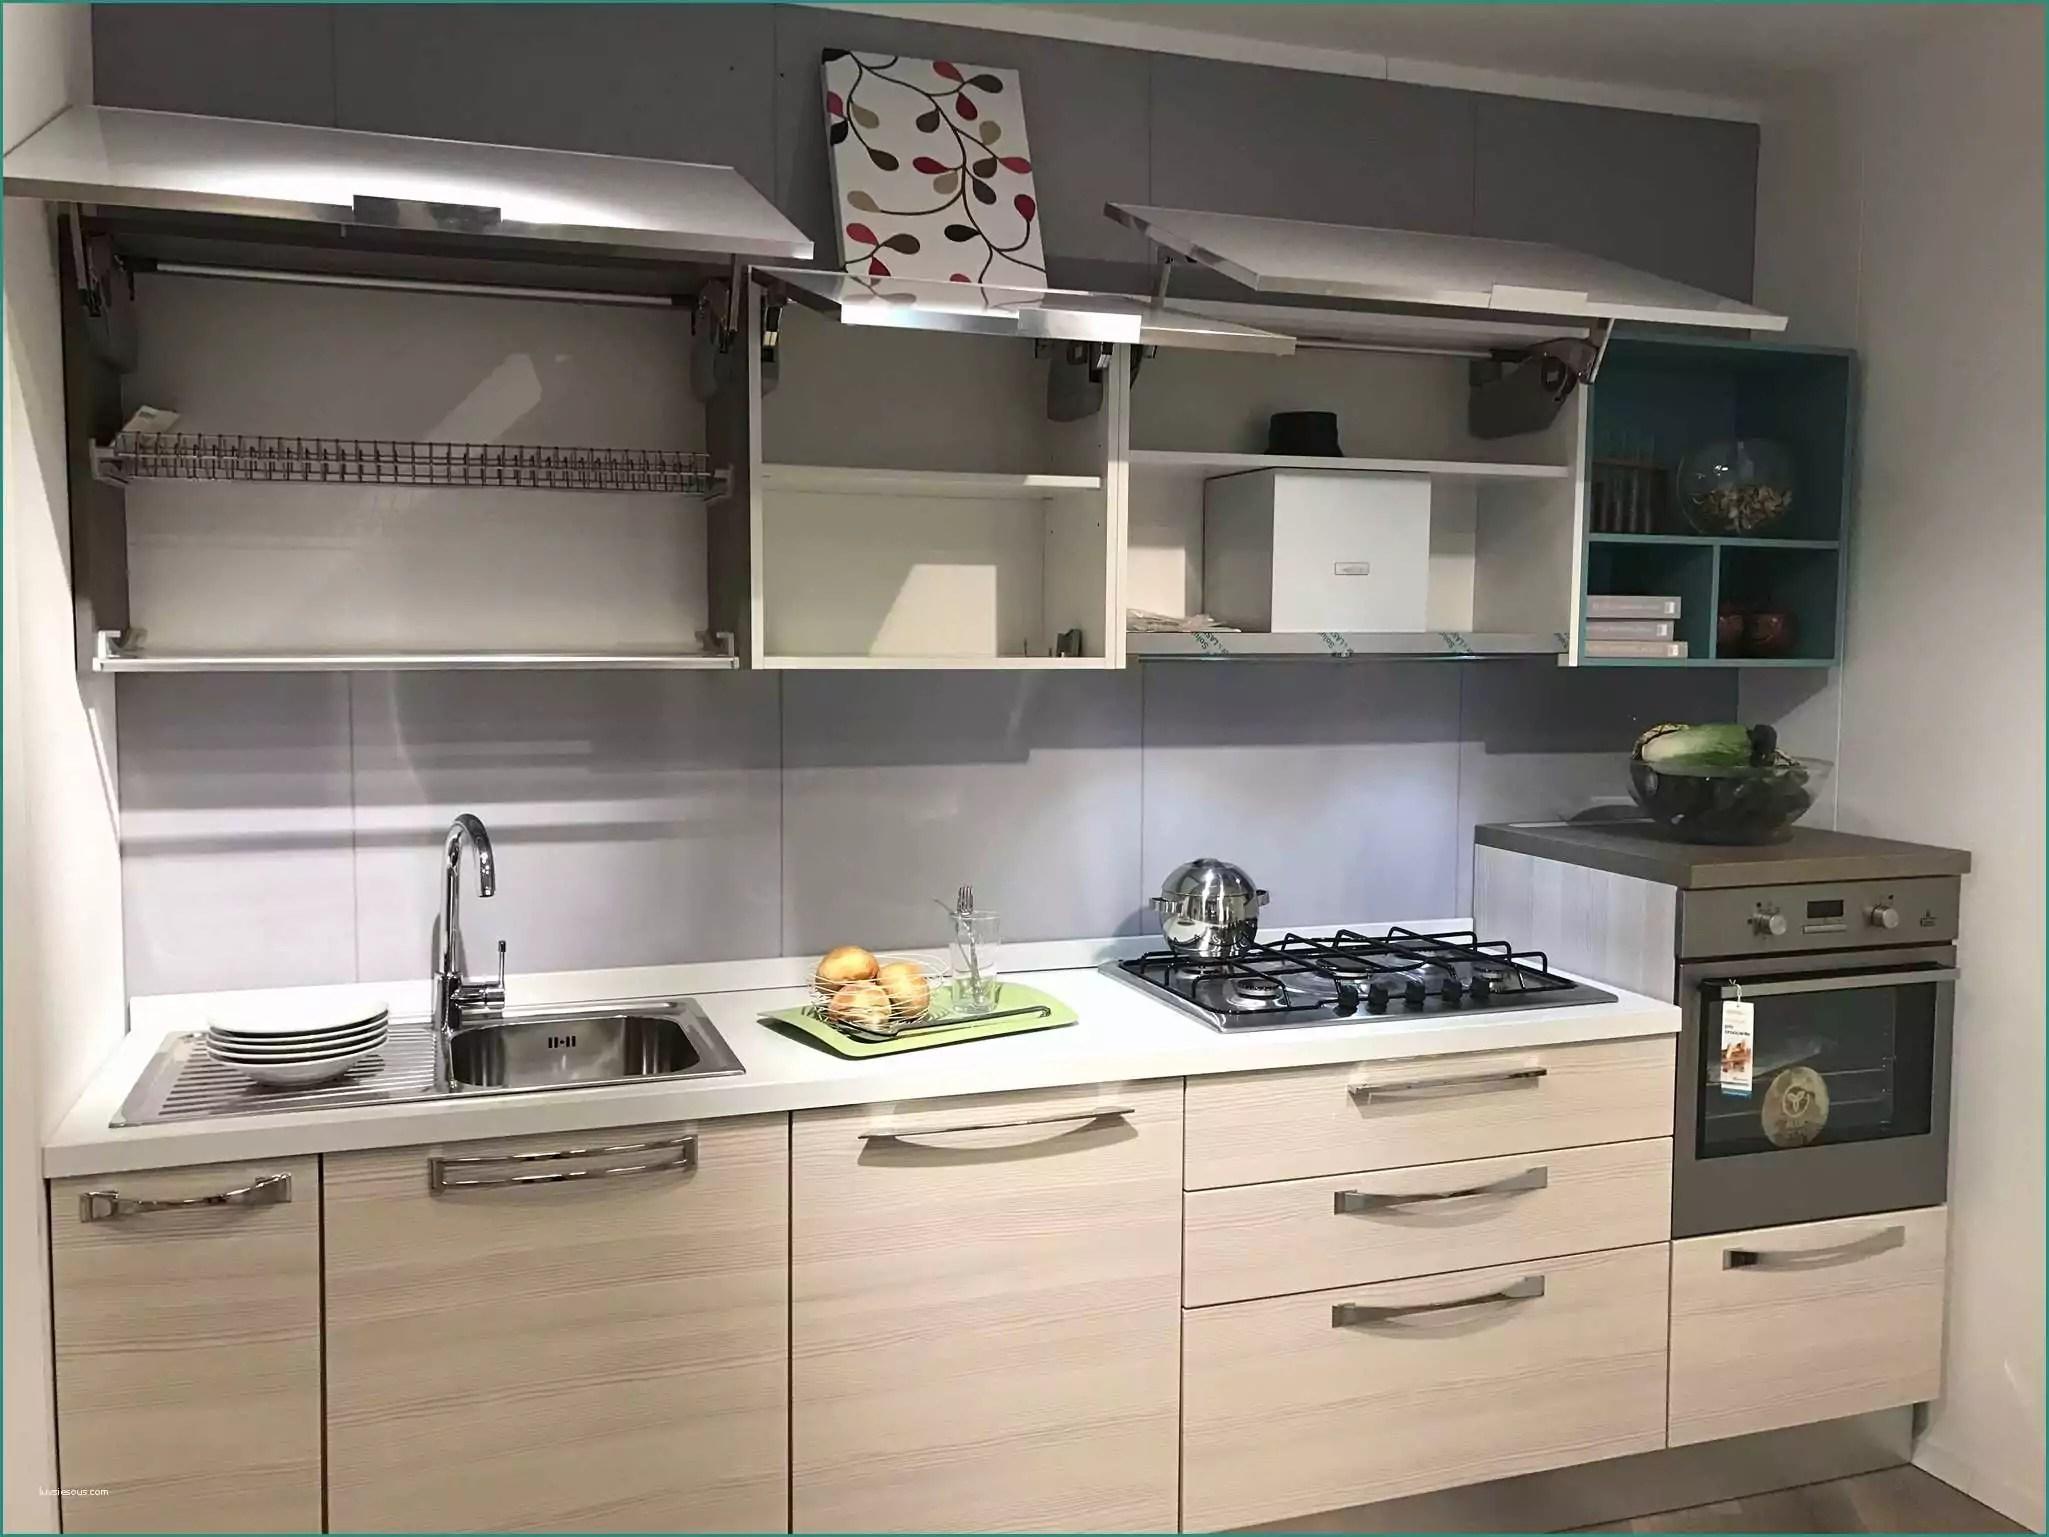 Cucina Lineare 4 Metri Lube | Cucina Lineare Con Design Minimalista ...